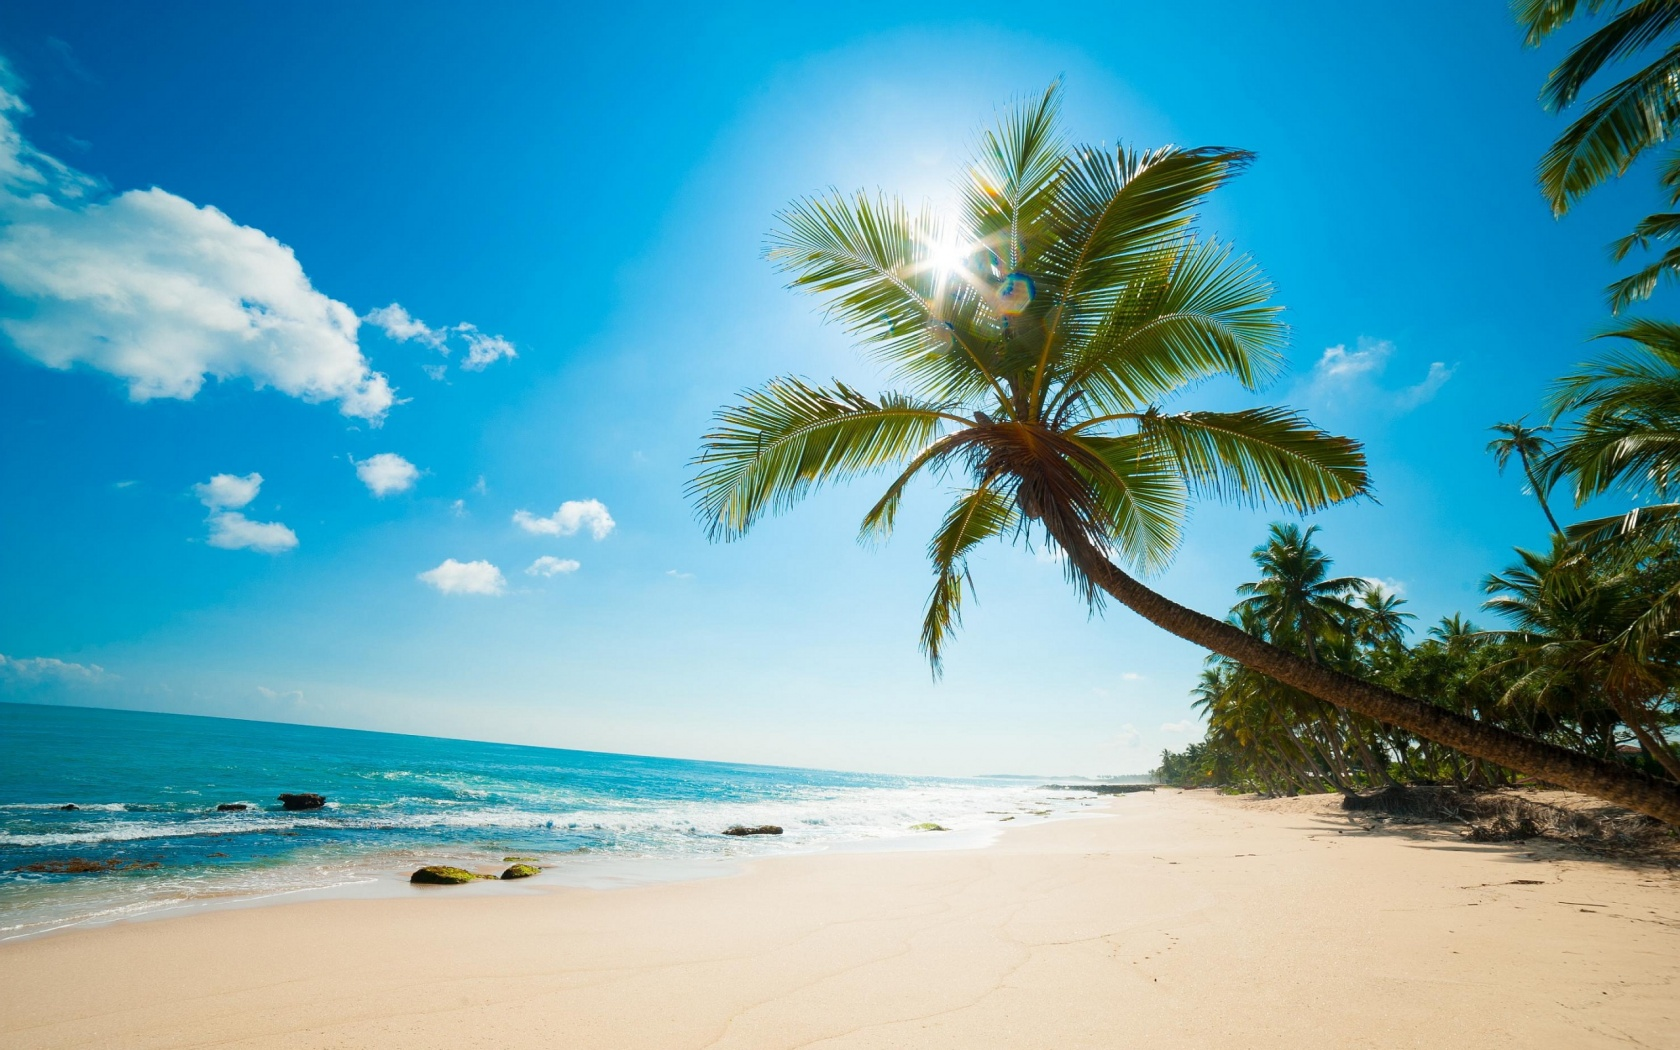 Caribbean Beach 1680 x 1050 Download Close 1680x1050